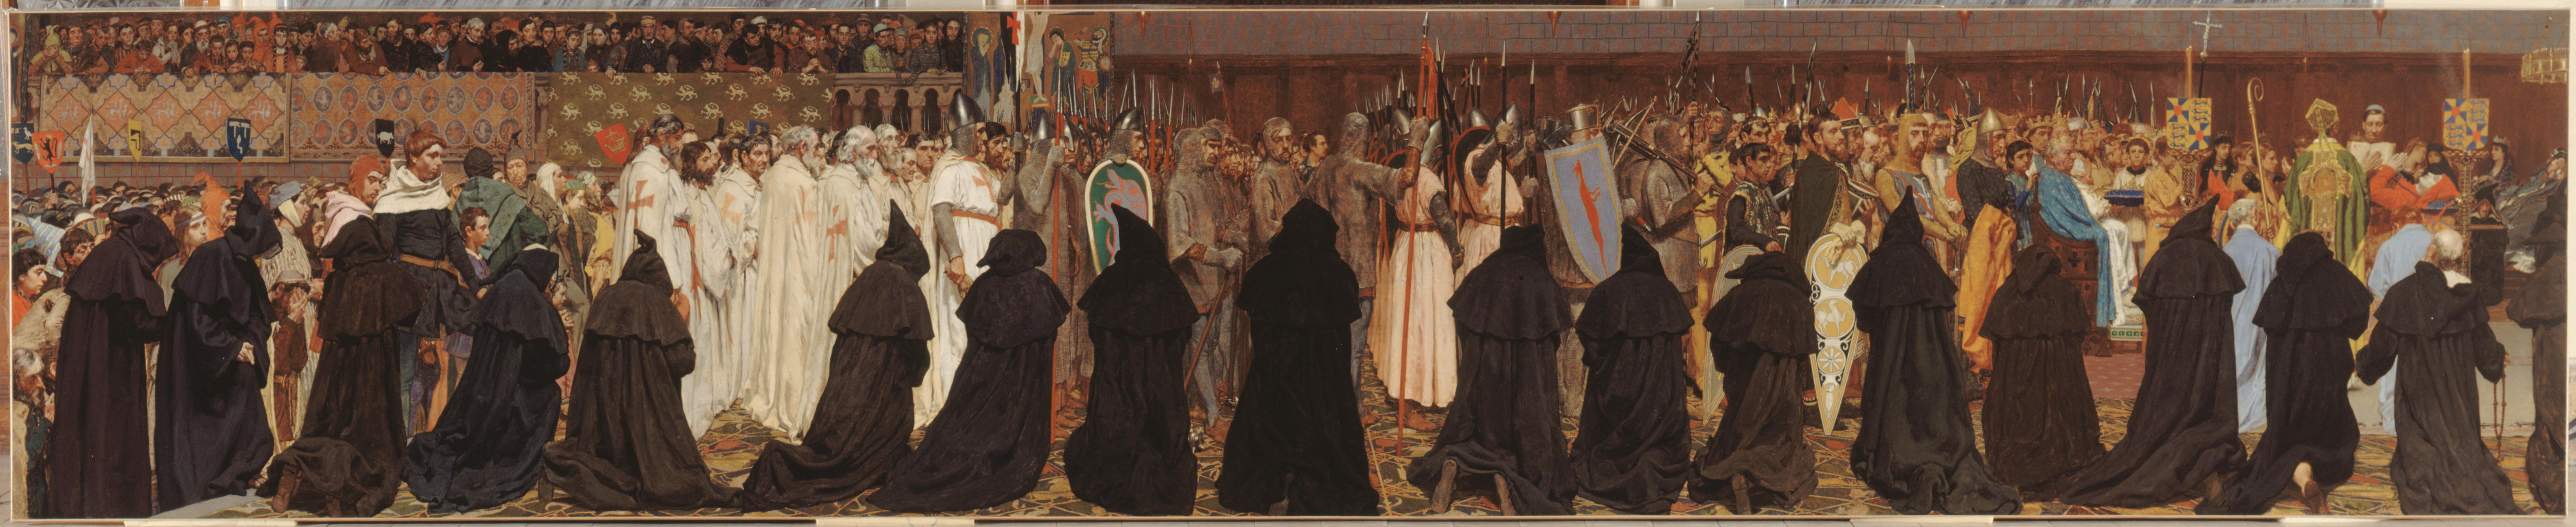 Les funérailles de Charles le Bon. Crédits : Petit Palais / Roger Viollet